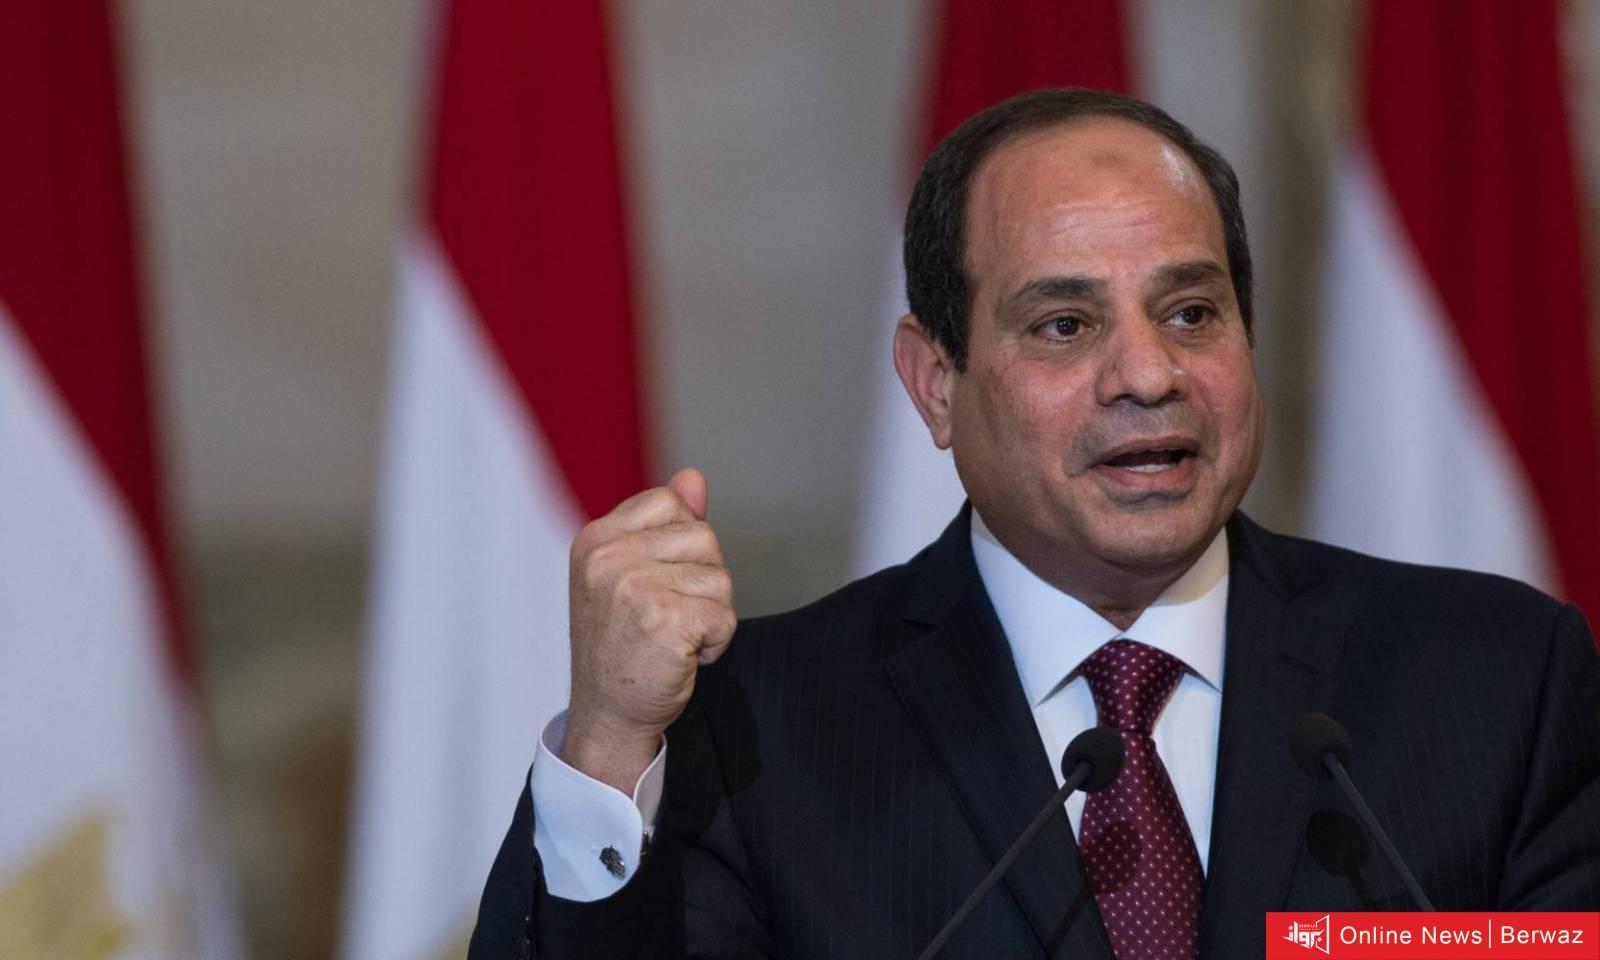 السيسي 4 - السيسي بعد إتفاقية إسرائيل والإمارات: مصر تدعم أي خطوات من شأنها إحلال السلام بالمنطقة